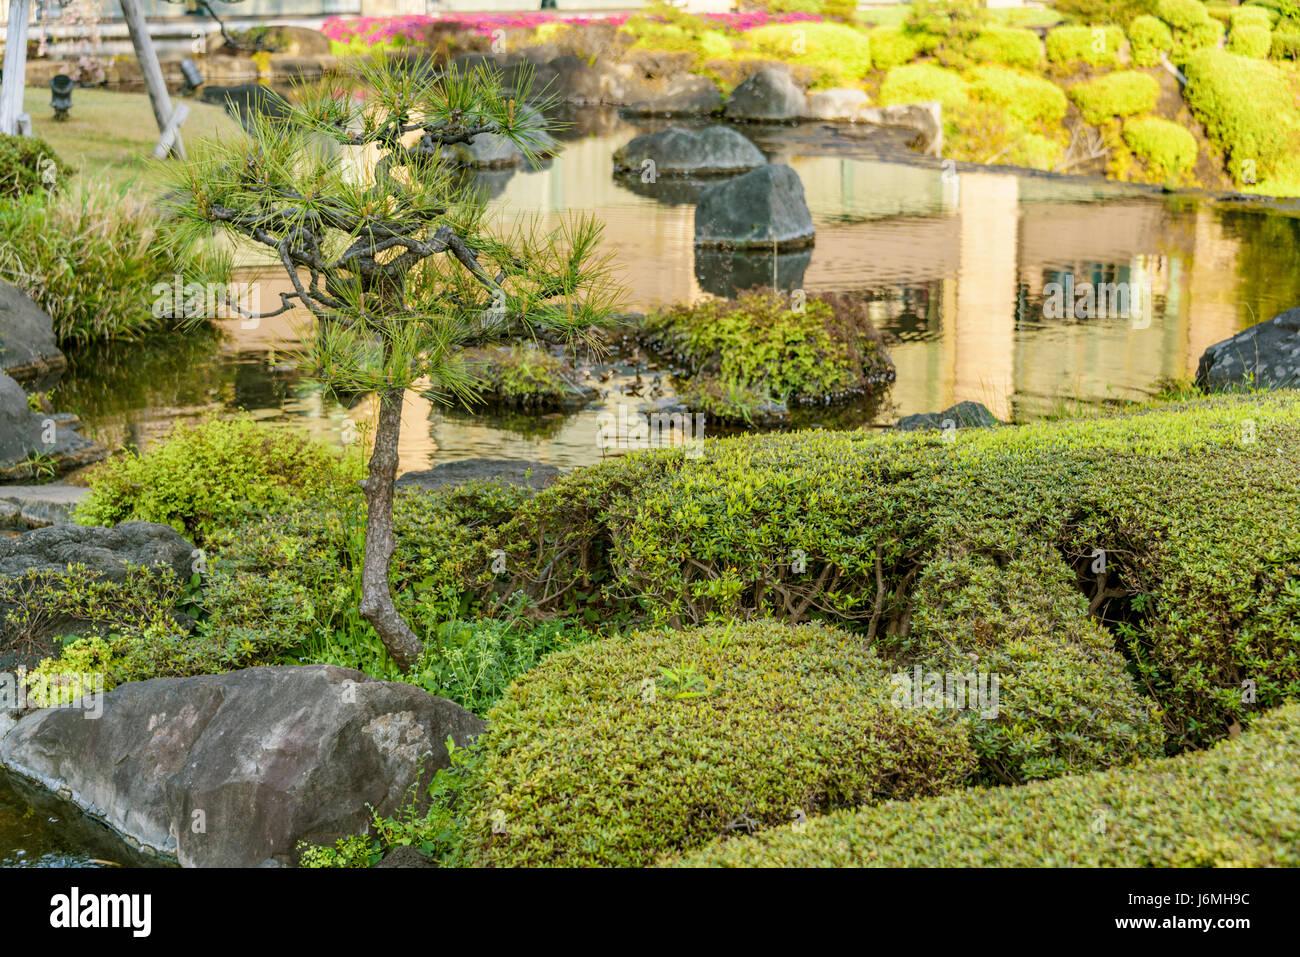 New Otani Hotel jardines japoneses.típico jardín japonés en el centro de Tokio. Imagen De Stock